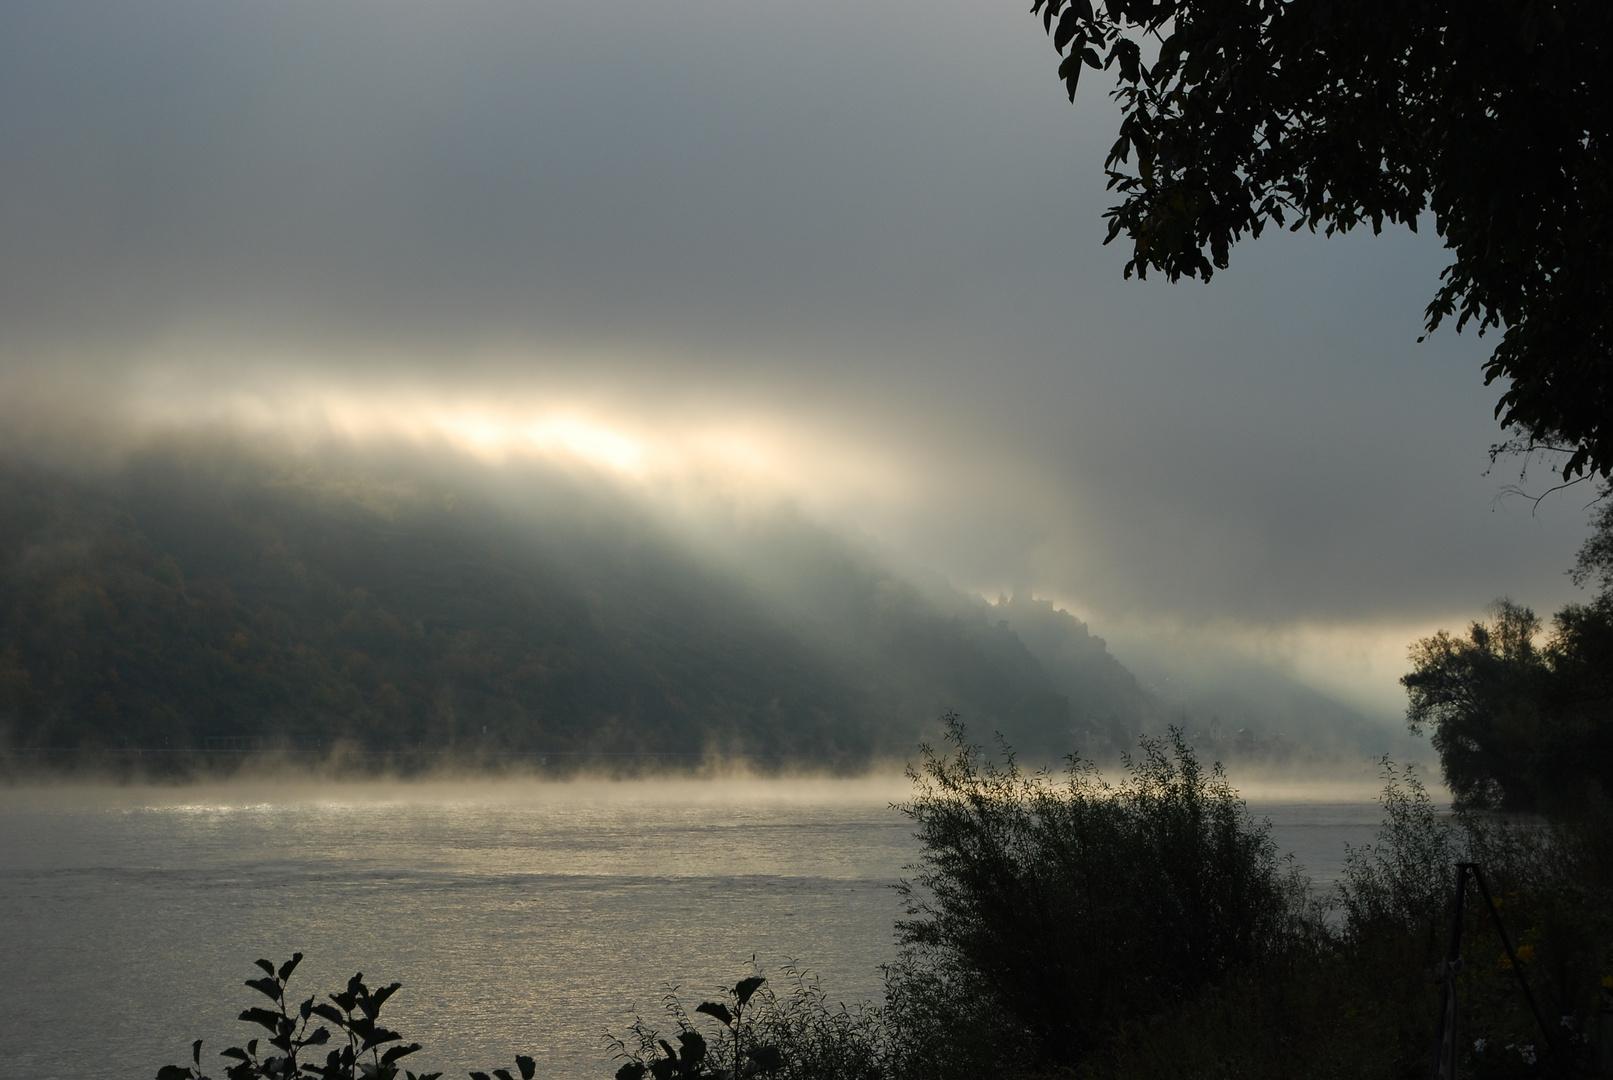 Oberwesel im Herbst Mystischer Sonnenaufgang